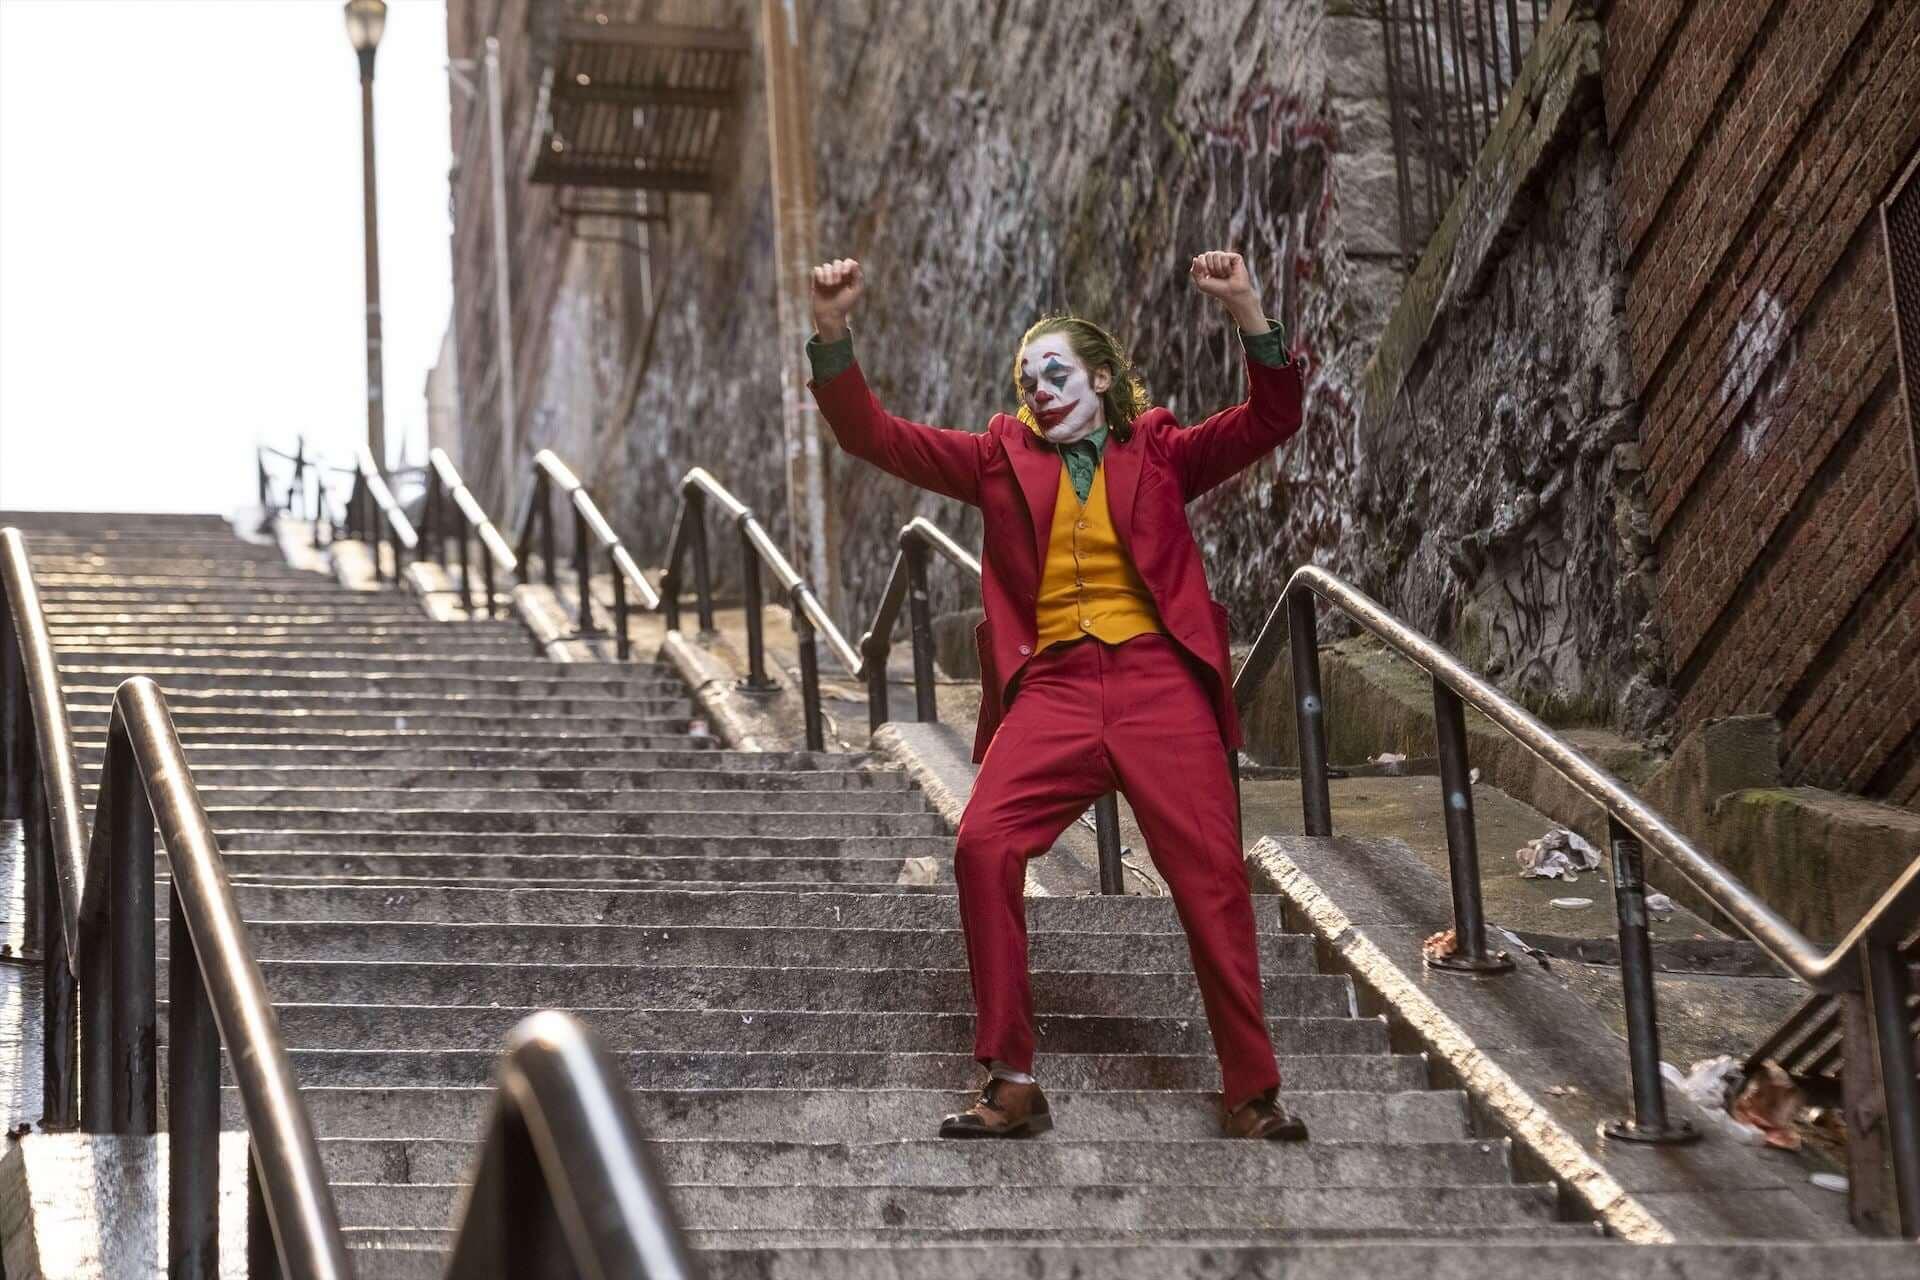 『ジョーカー』がついにWOWOWで見られる!ホアキン・フェニックス特集や「バットマン」「ダークナイト」シリーズも一挙オンエア film200629_wowow_joker_01-1920x1280